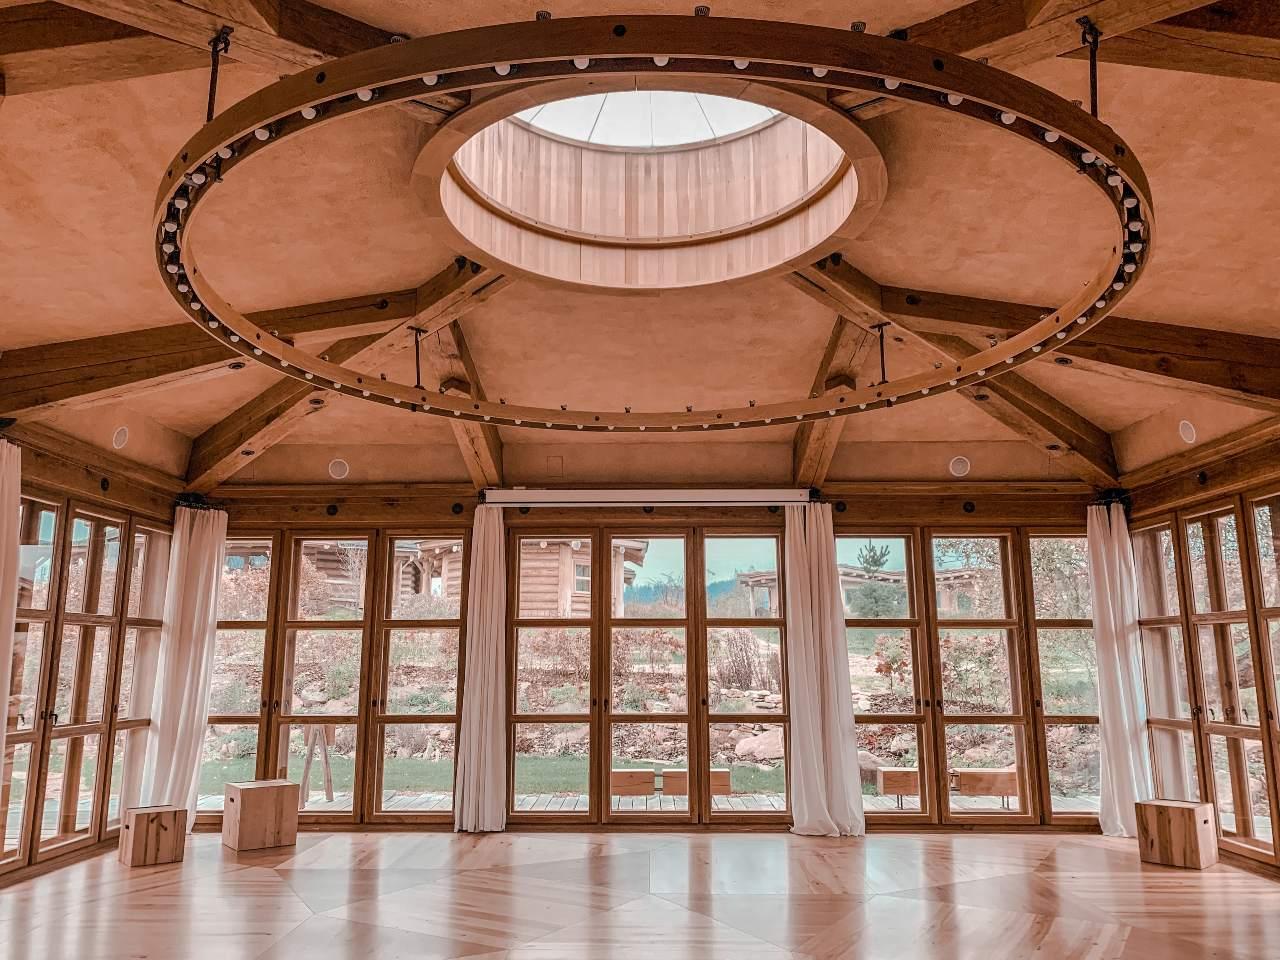 jógový sál pohled na strop